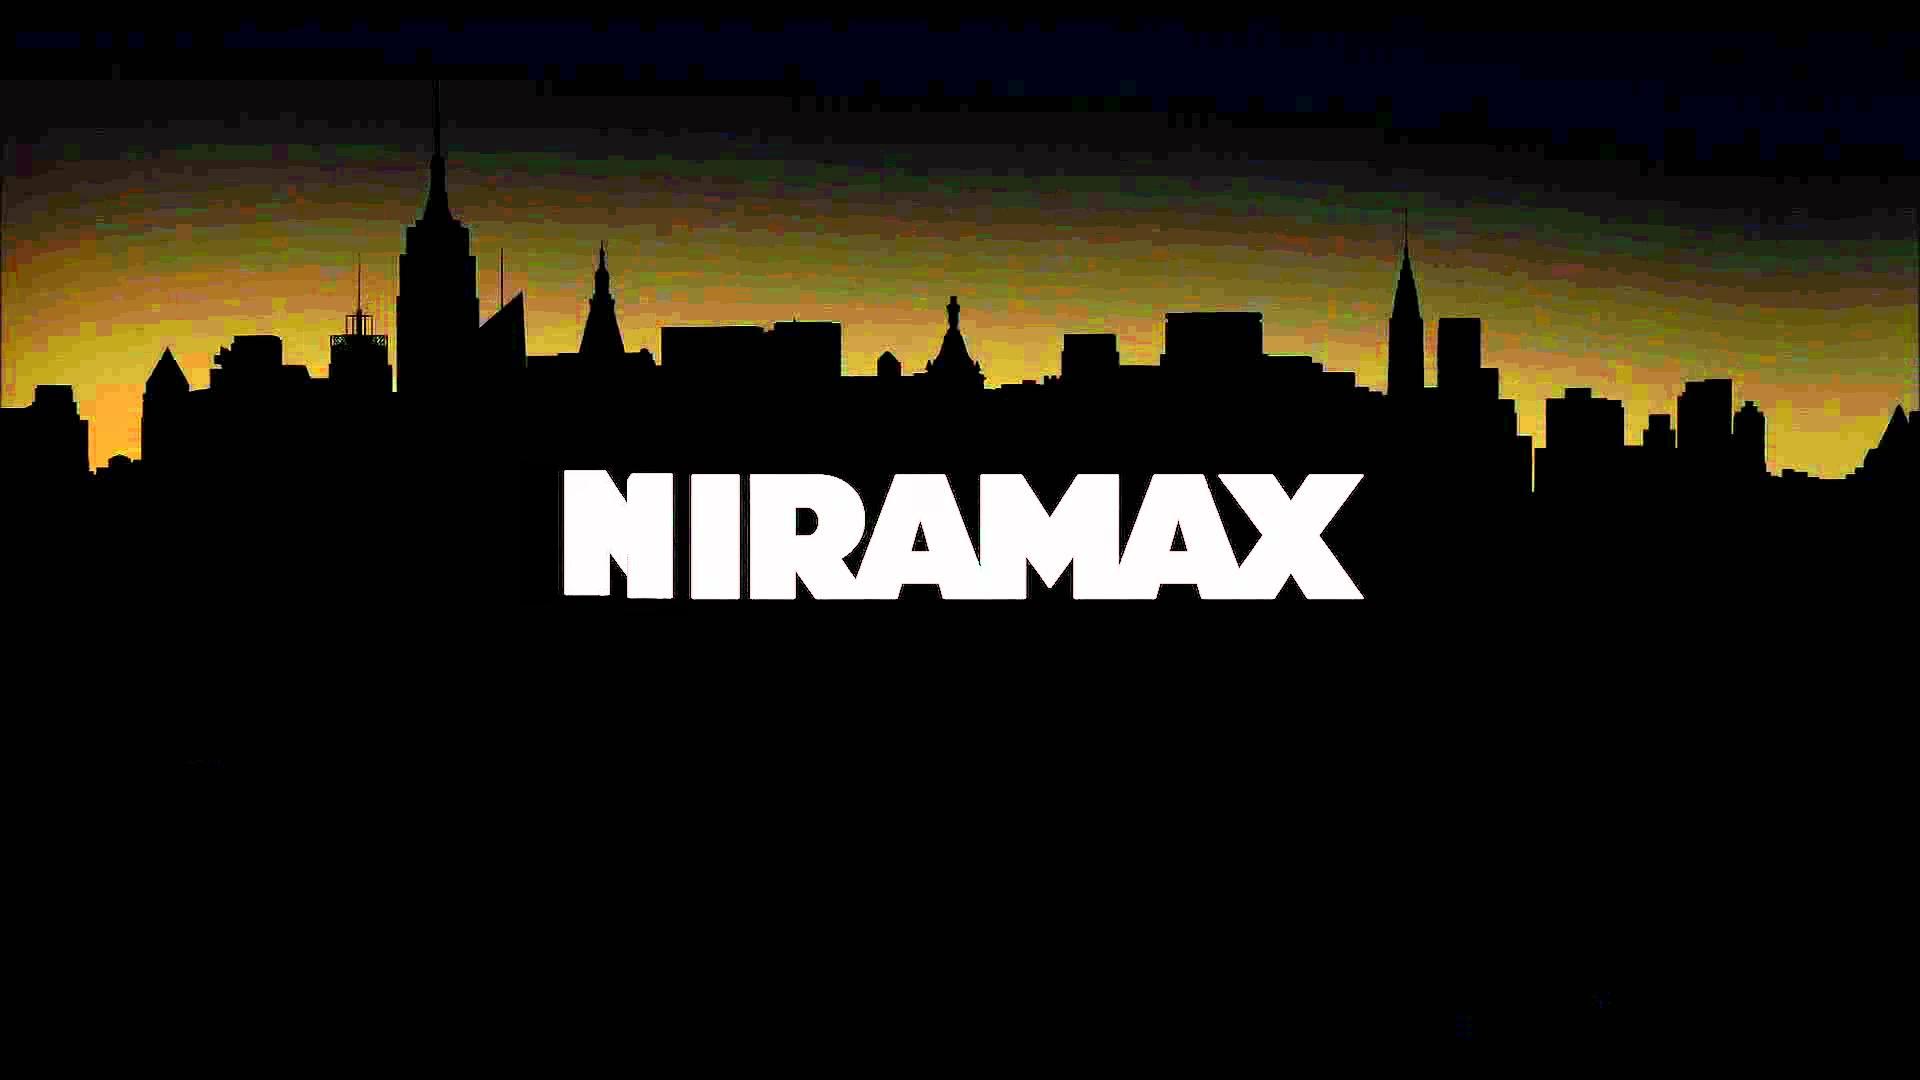 Niramax